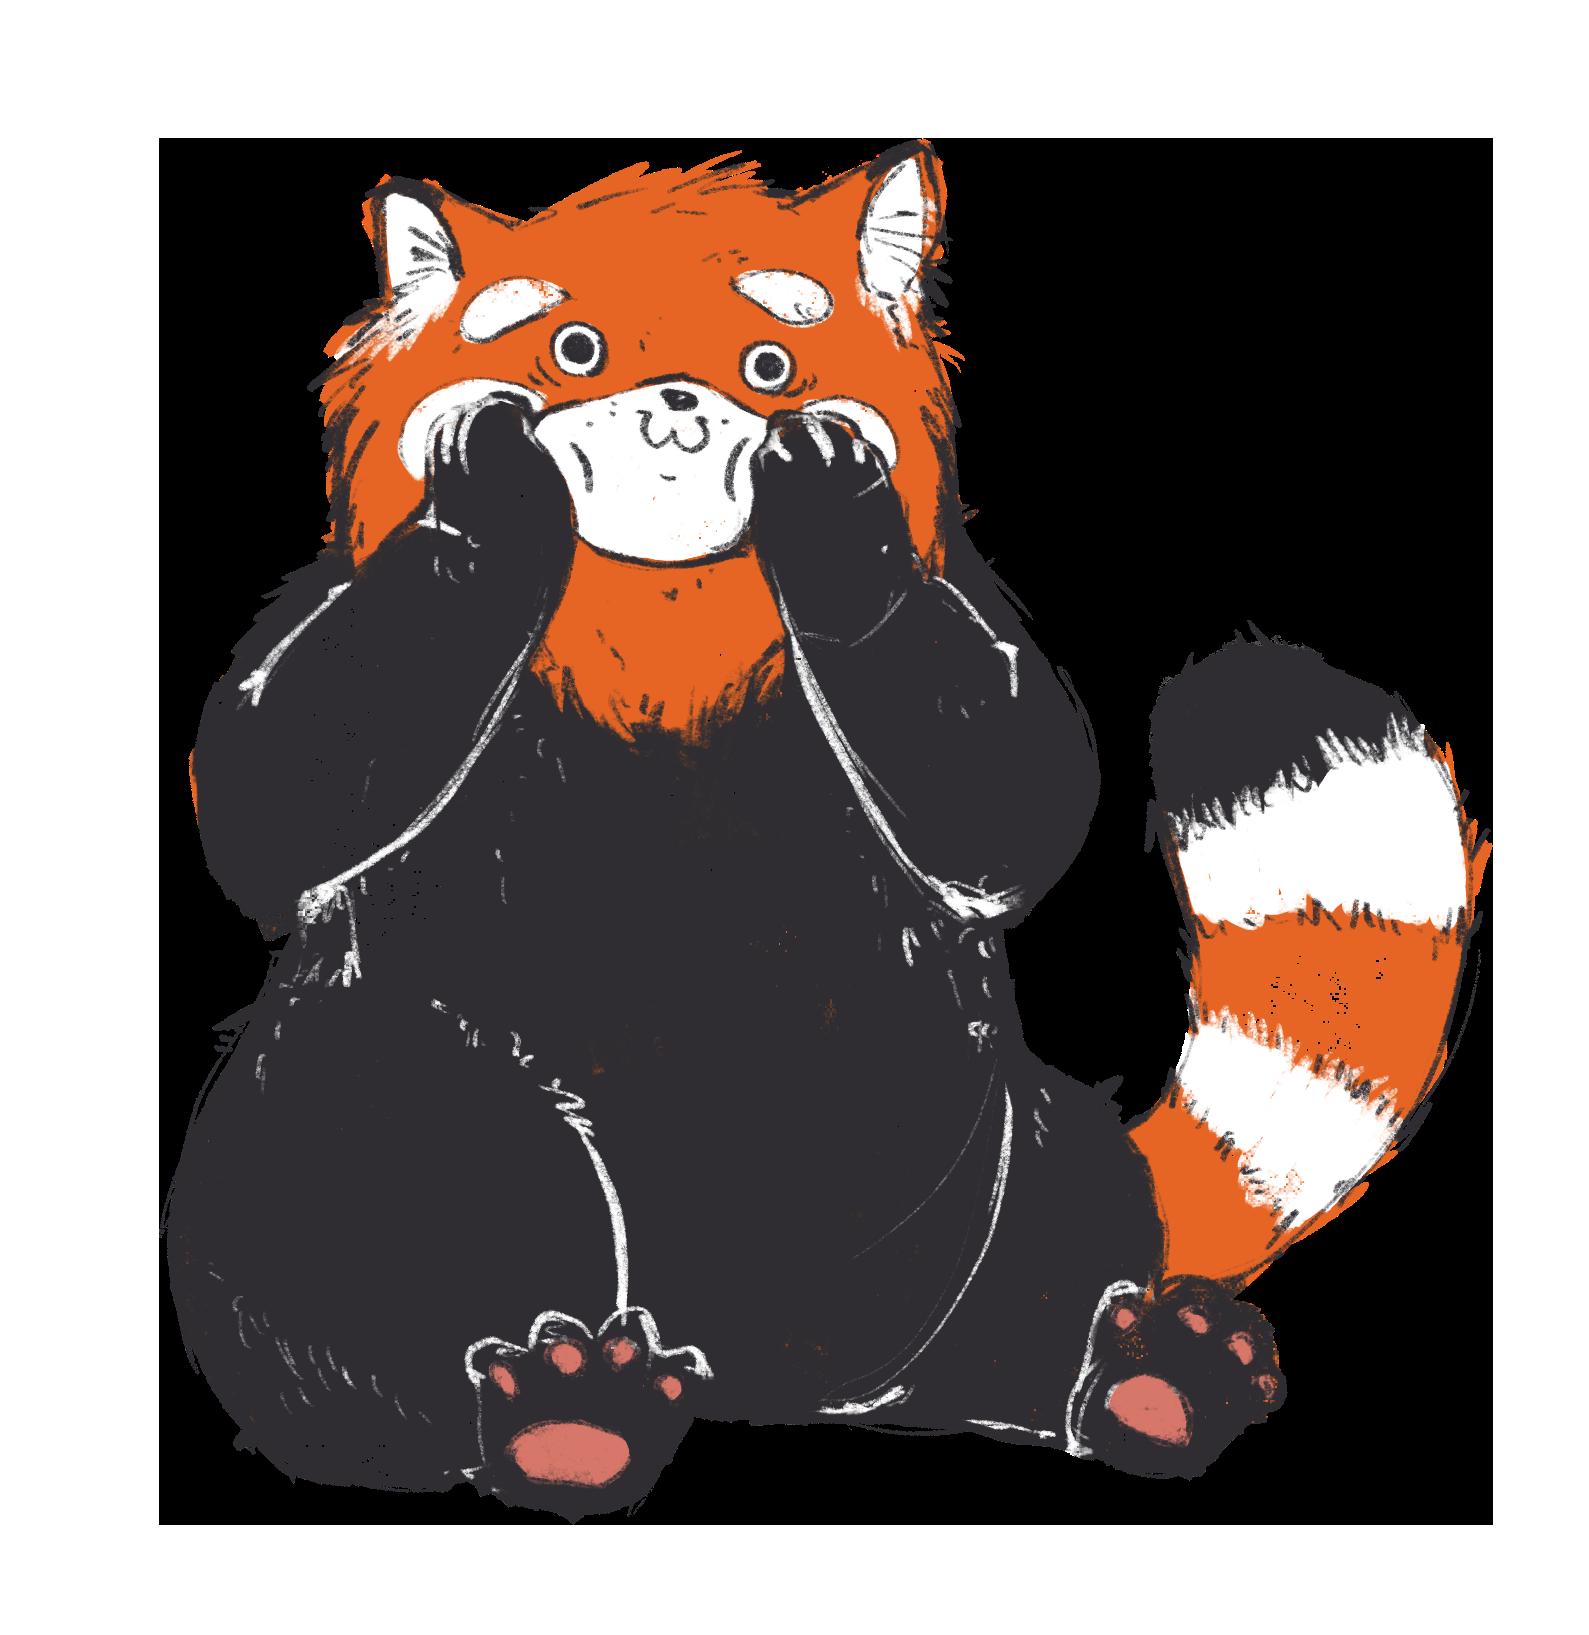 Panda_Quatschgesicht